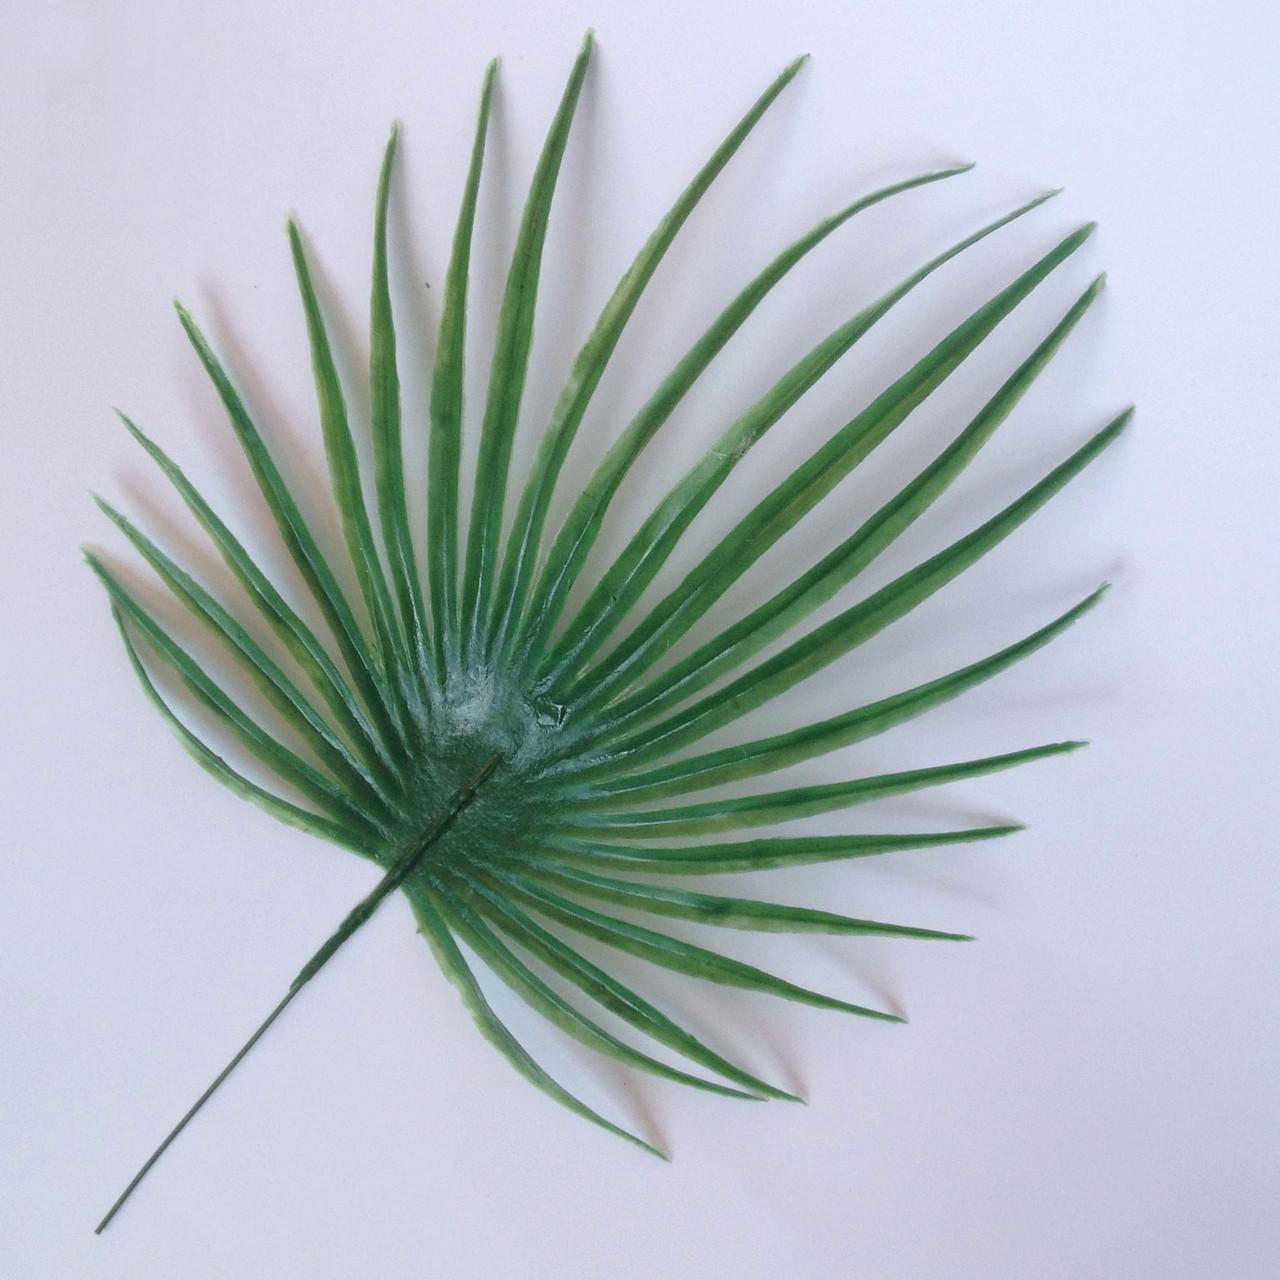 Лист пальмы круглый малый  30 см (20 шт. в уп)